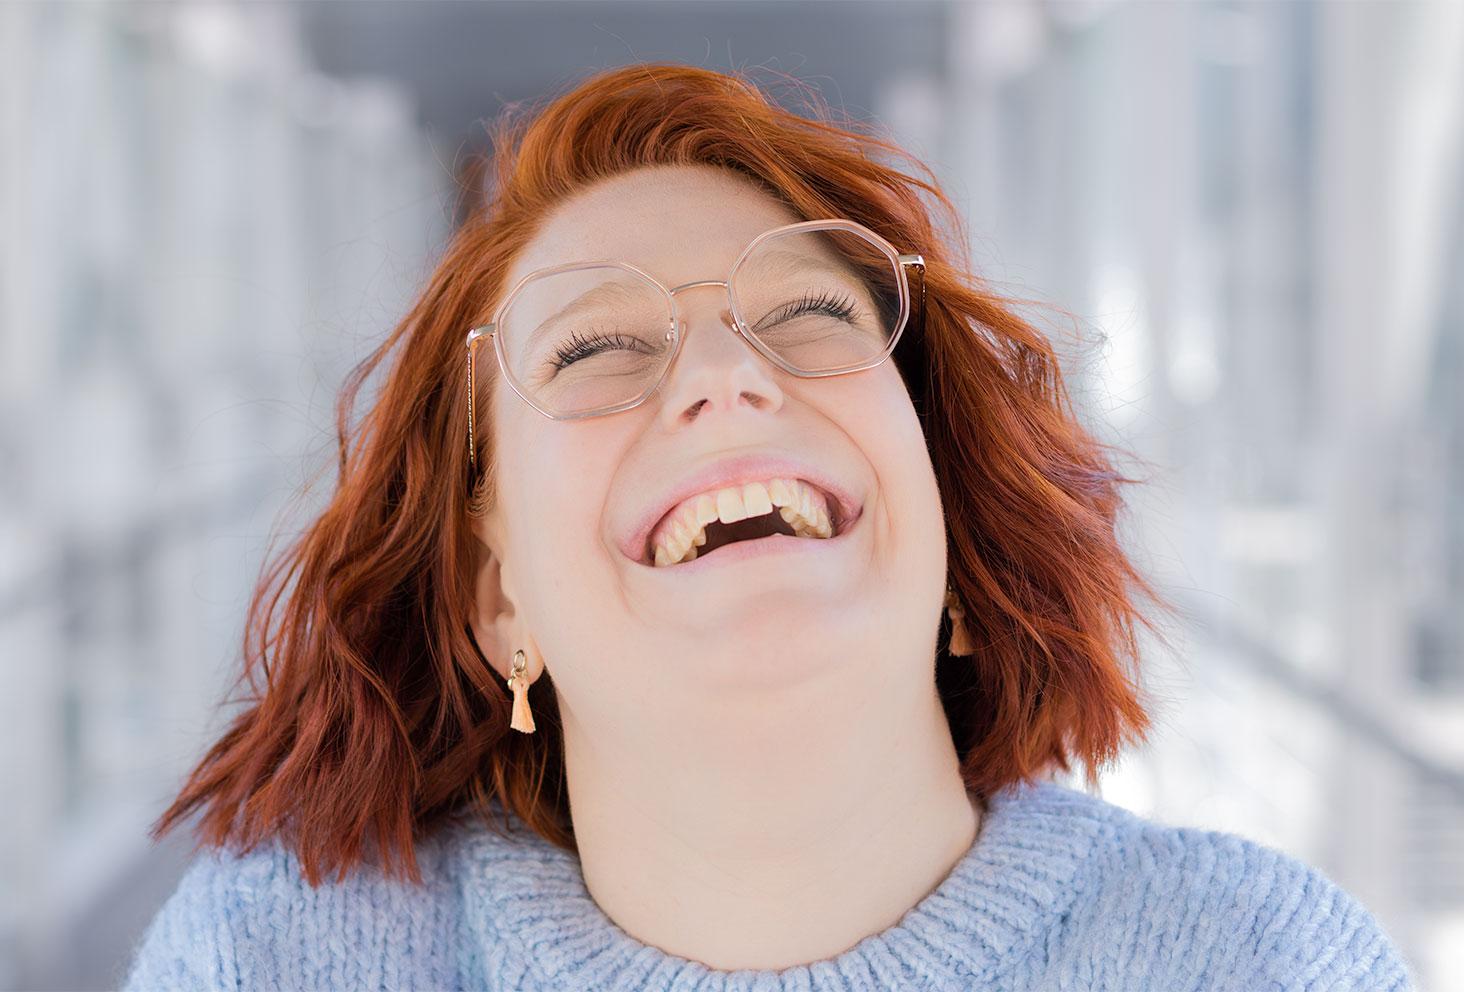 Portrait zoomé avec le sourire jusqu'aux oreilles et les cheveux ondulés